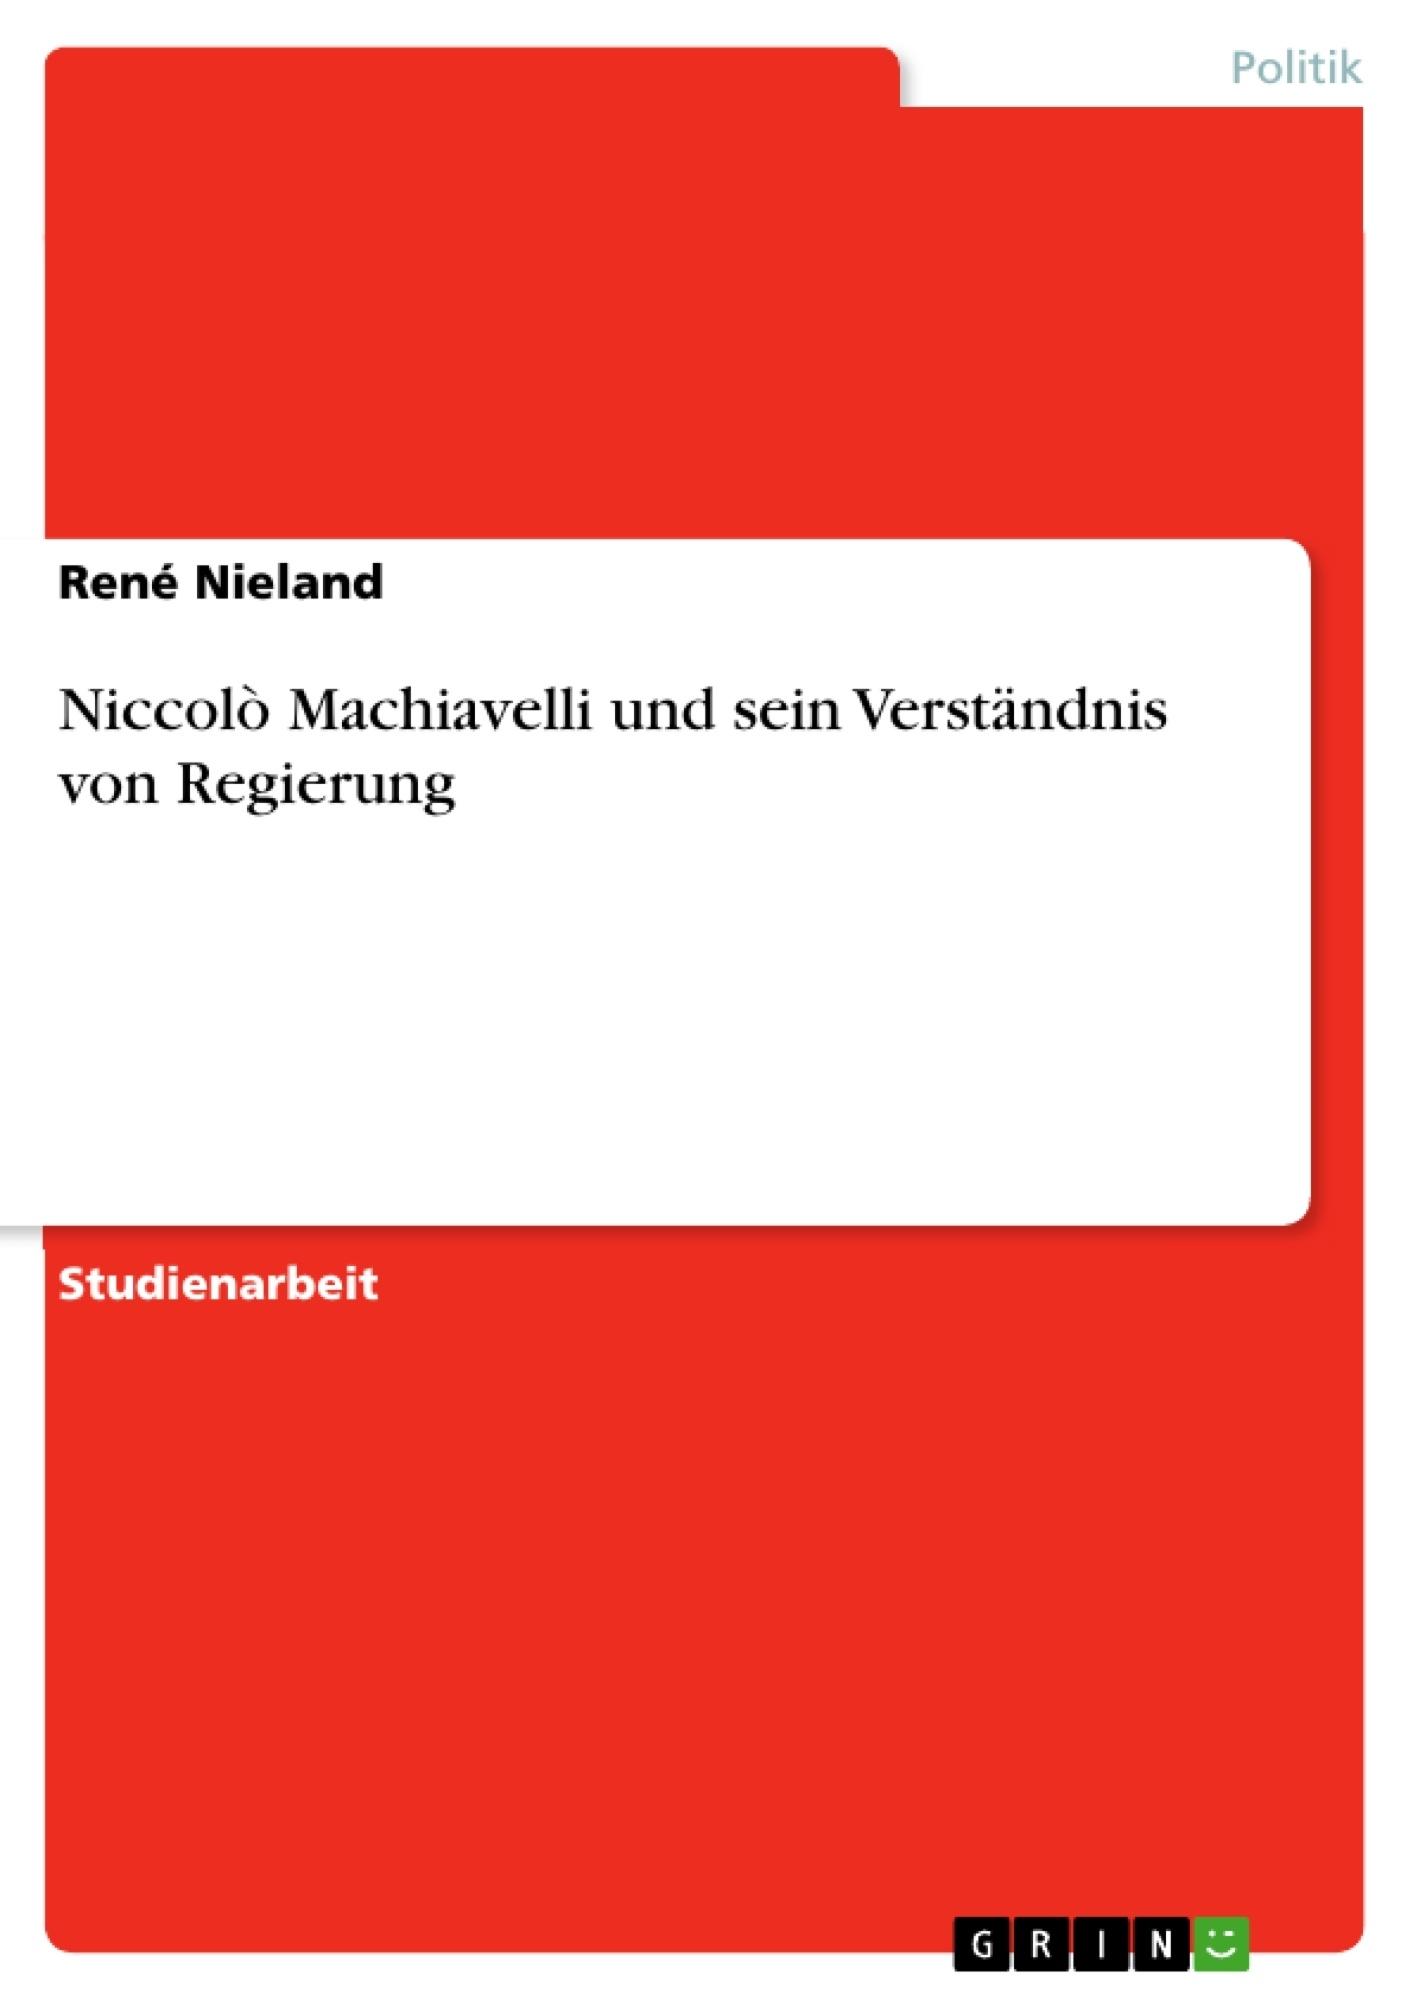 Titel: Niccolò Machiavelli und sein Verständnis von Regierung